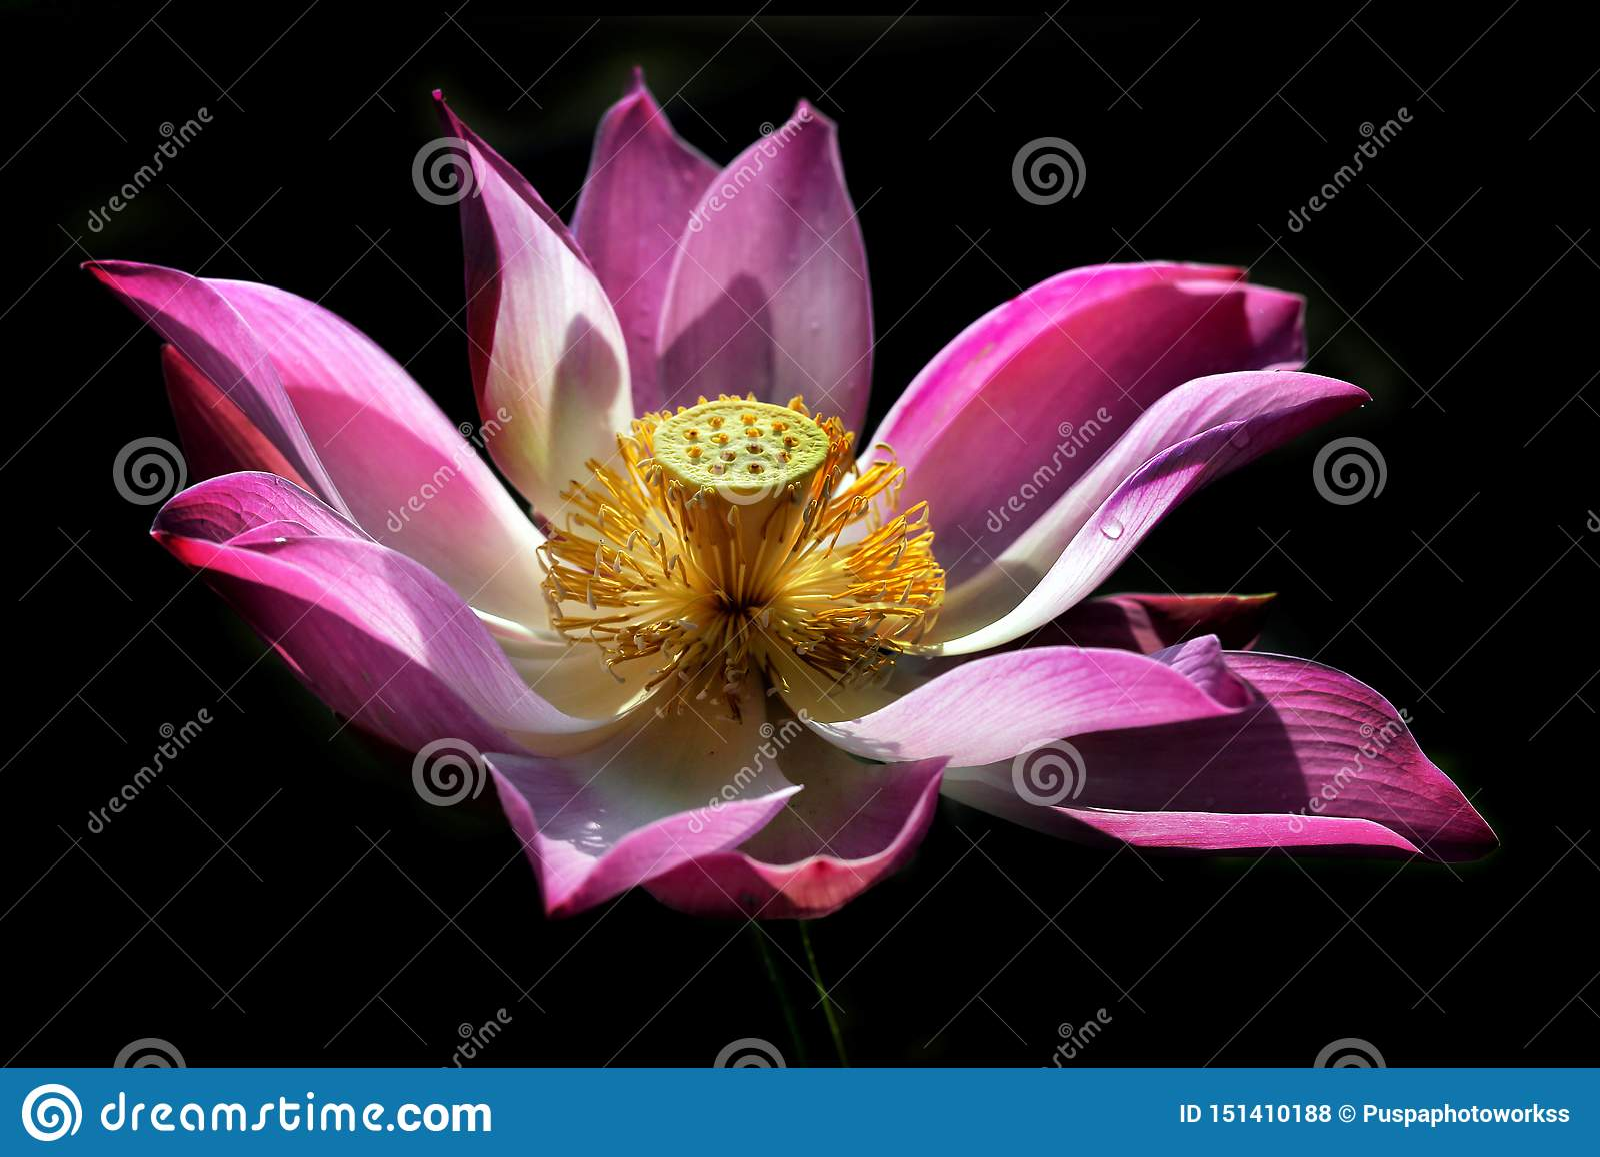 A beleza de Lotus Blooms Isolated no fundo preto com gotas de orvalho em suas pétalas e luz natural